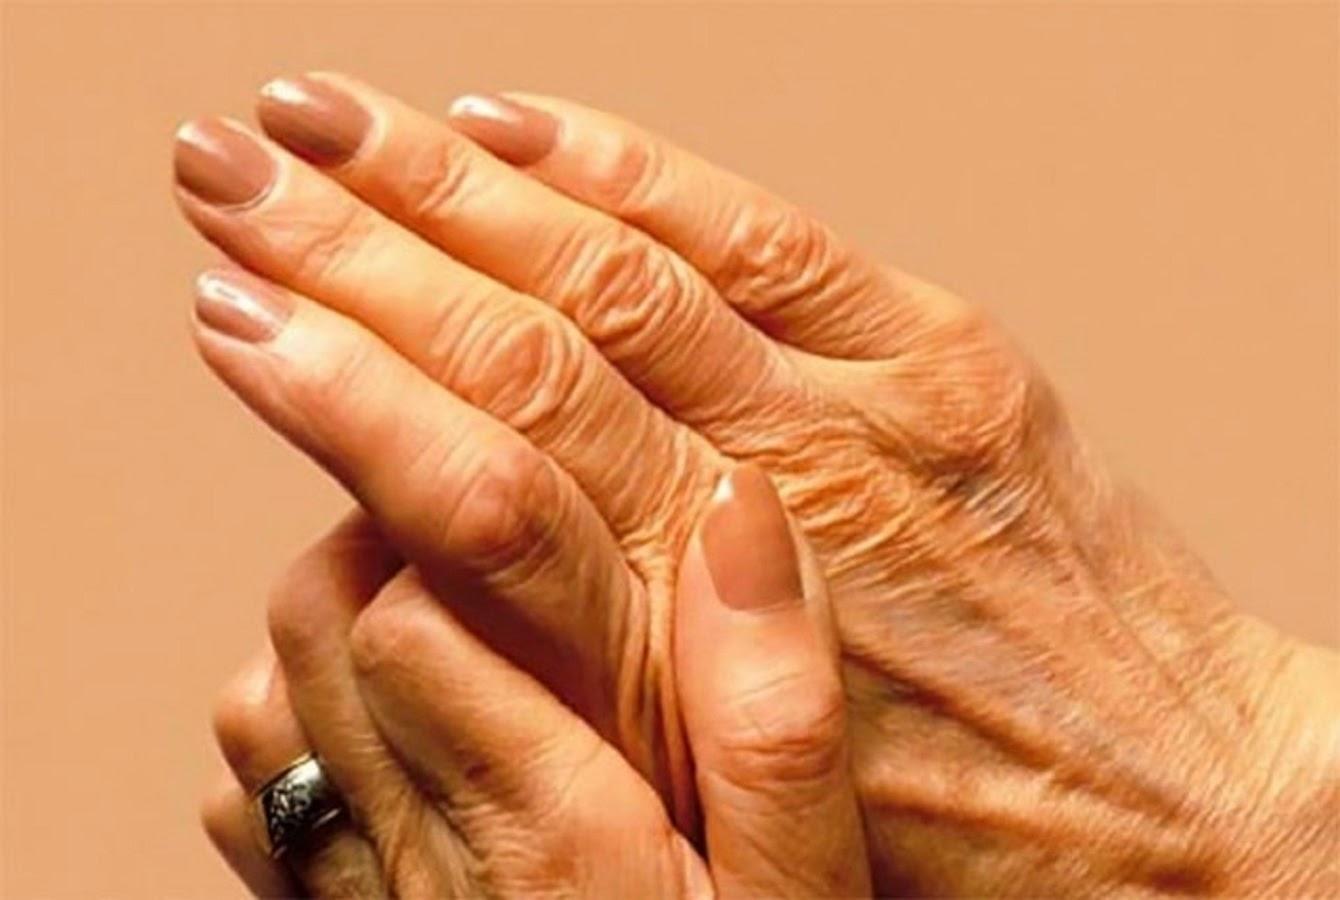 πόνοι στις αρθρώσεις